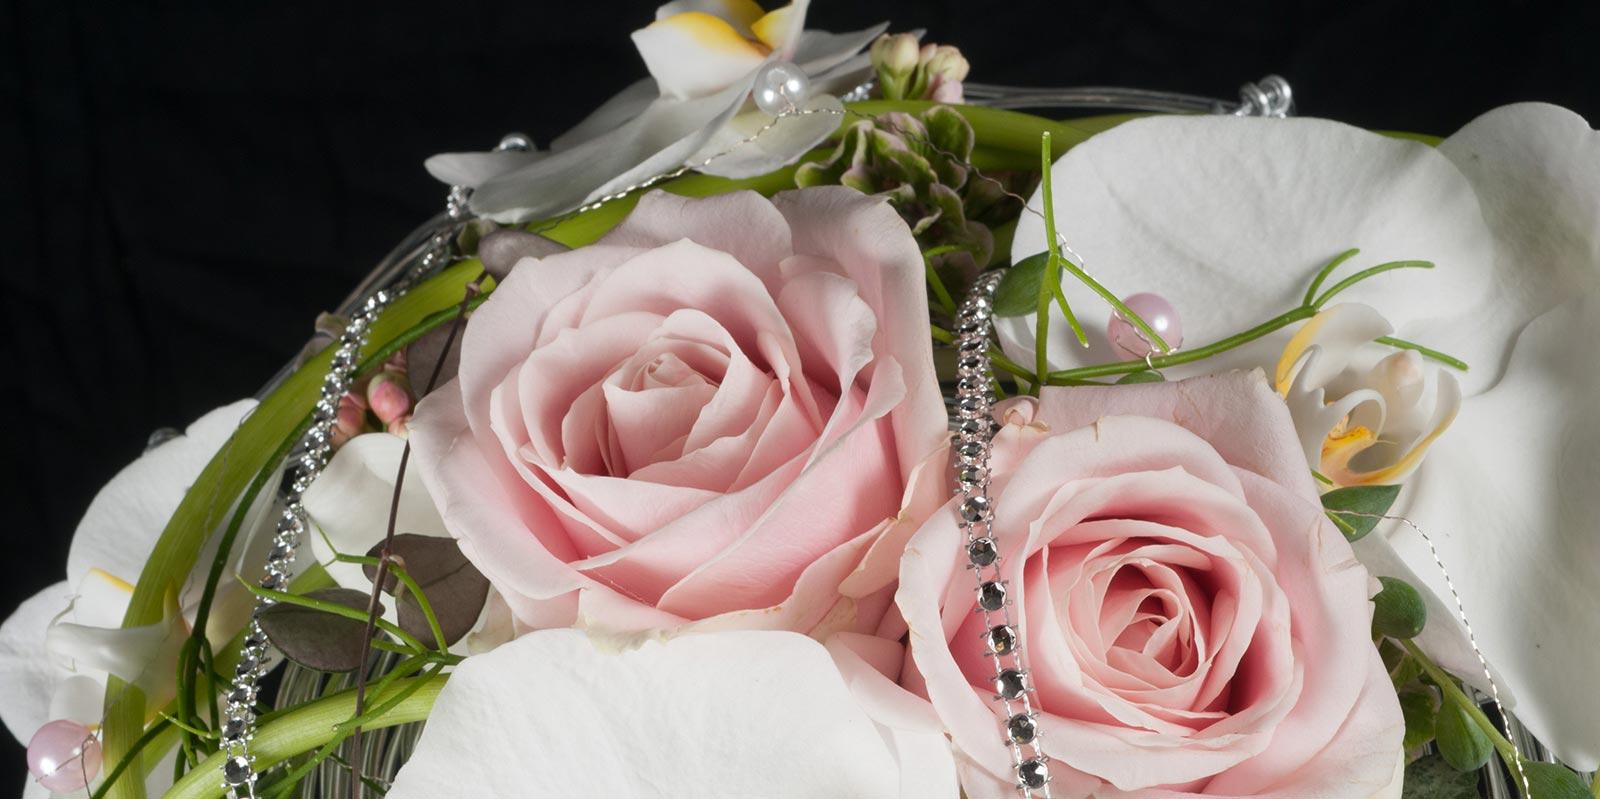 Détail de composition florale - formation fleuriste